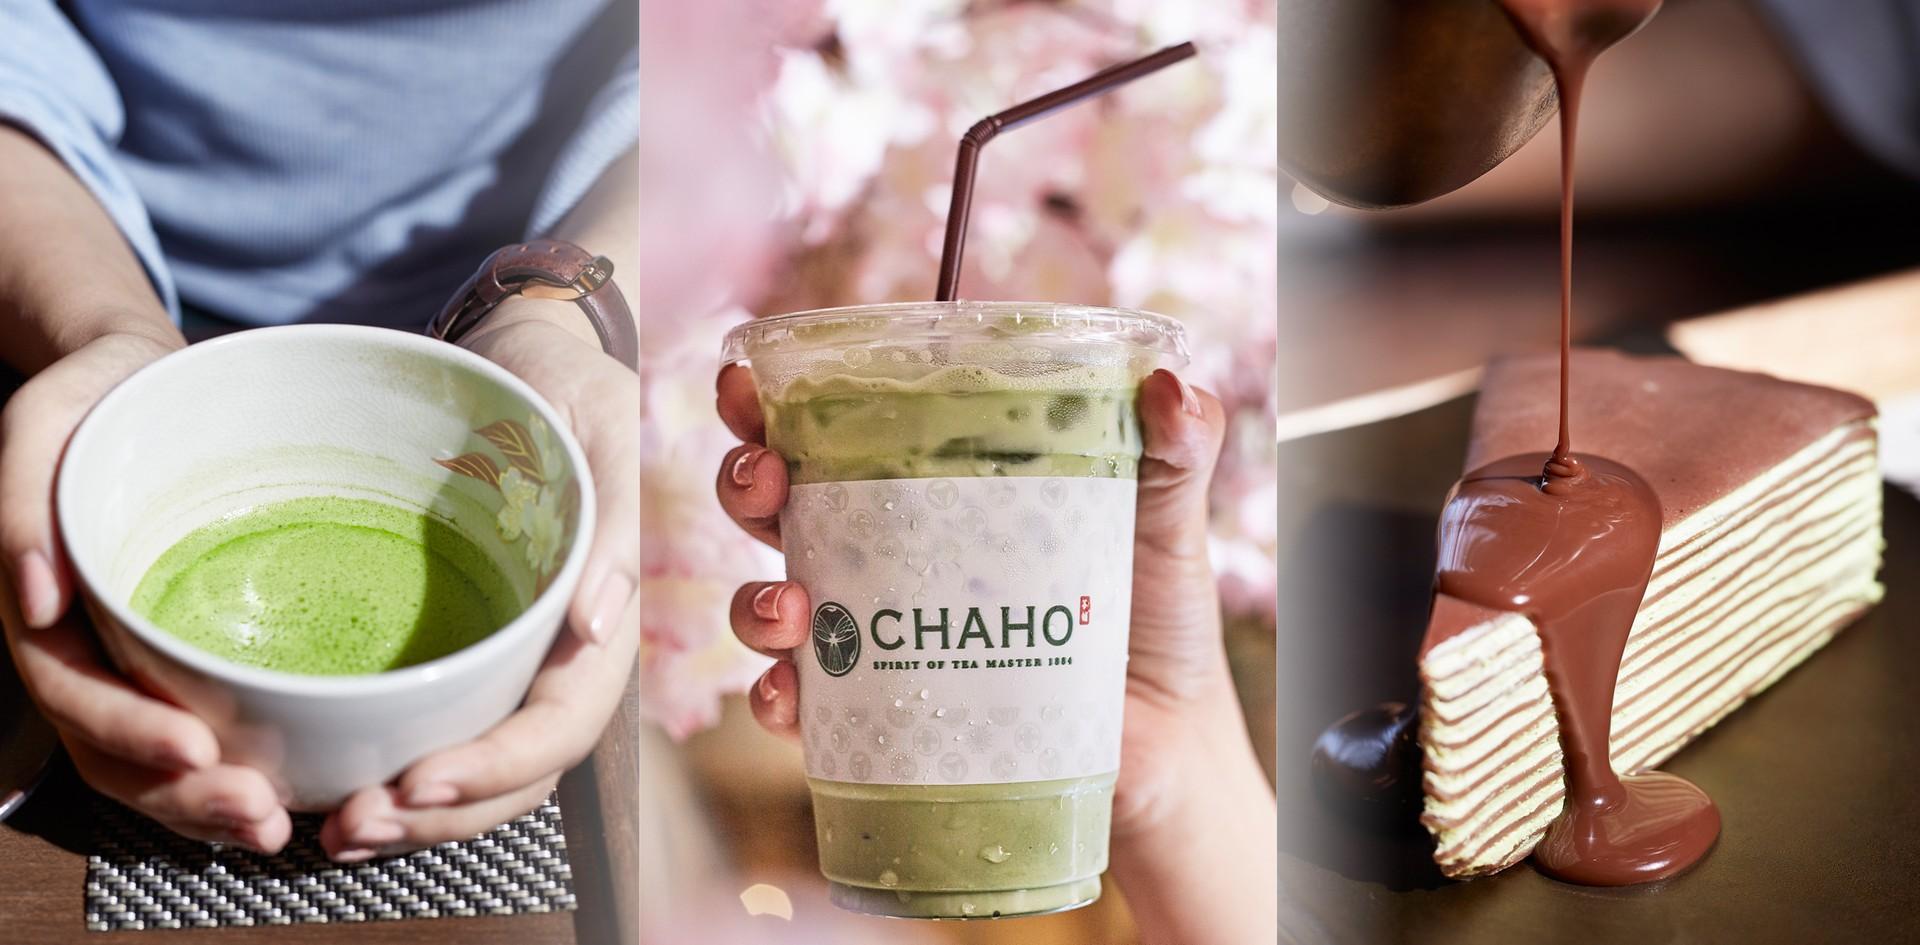 รักชาเขียวต้องโดน!  จิบชามัทฉะเข้มข้นคู่ขนมหวานญี่ปุ่นที่ Chaho